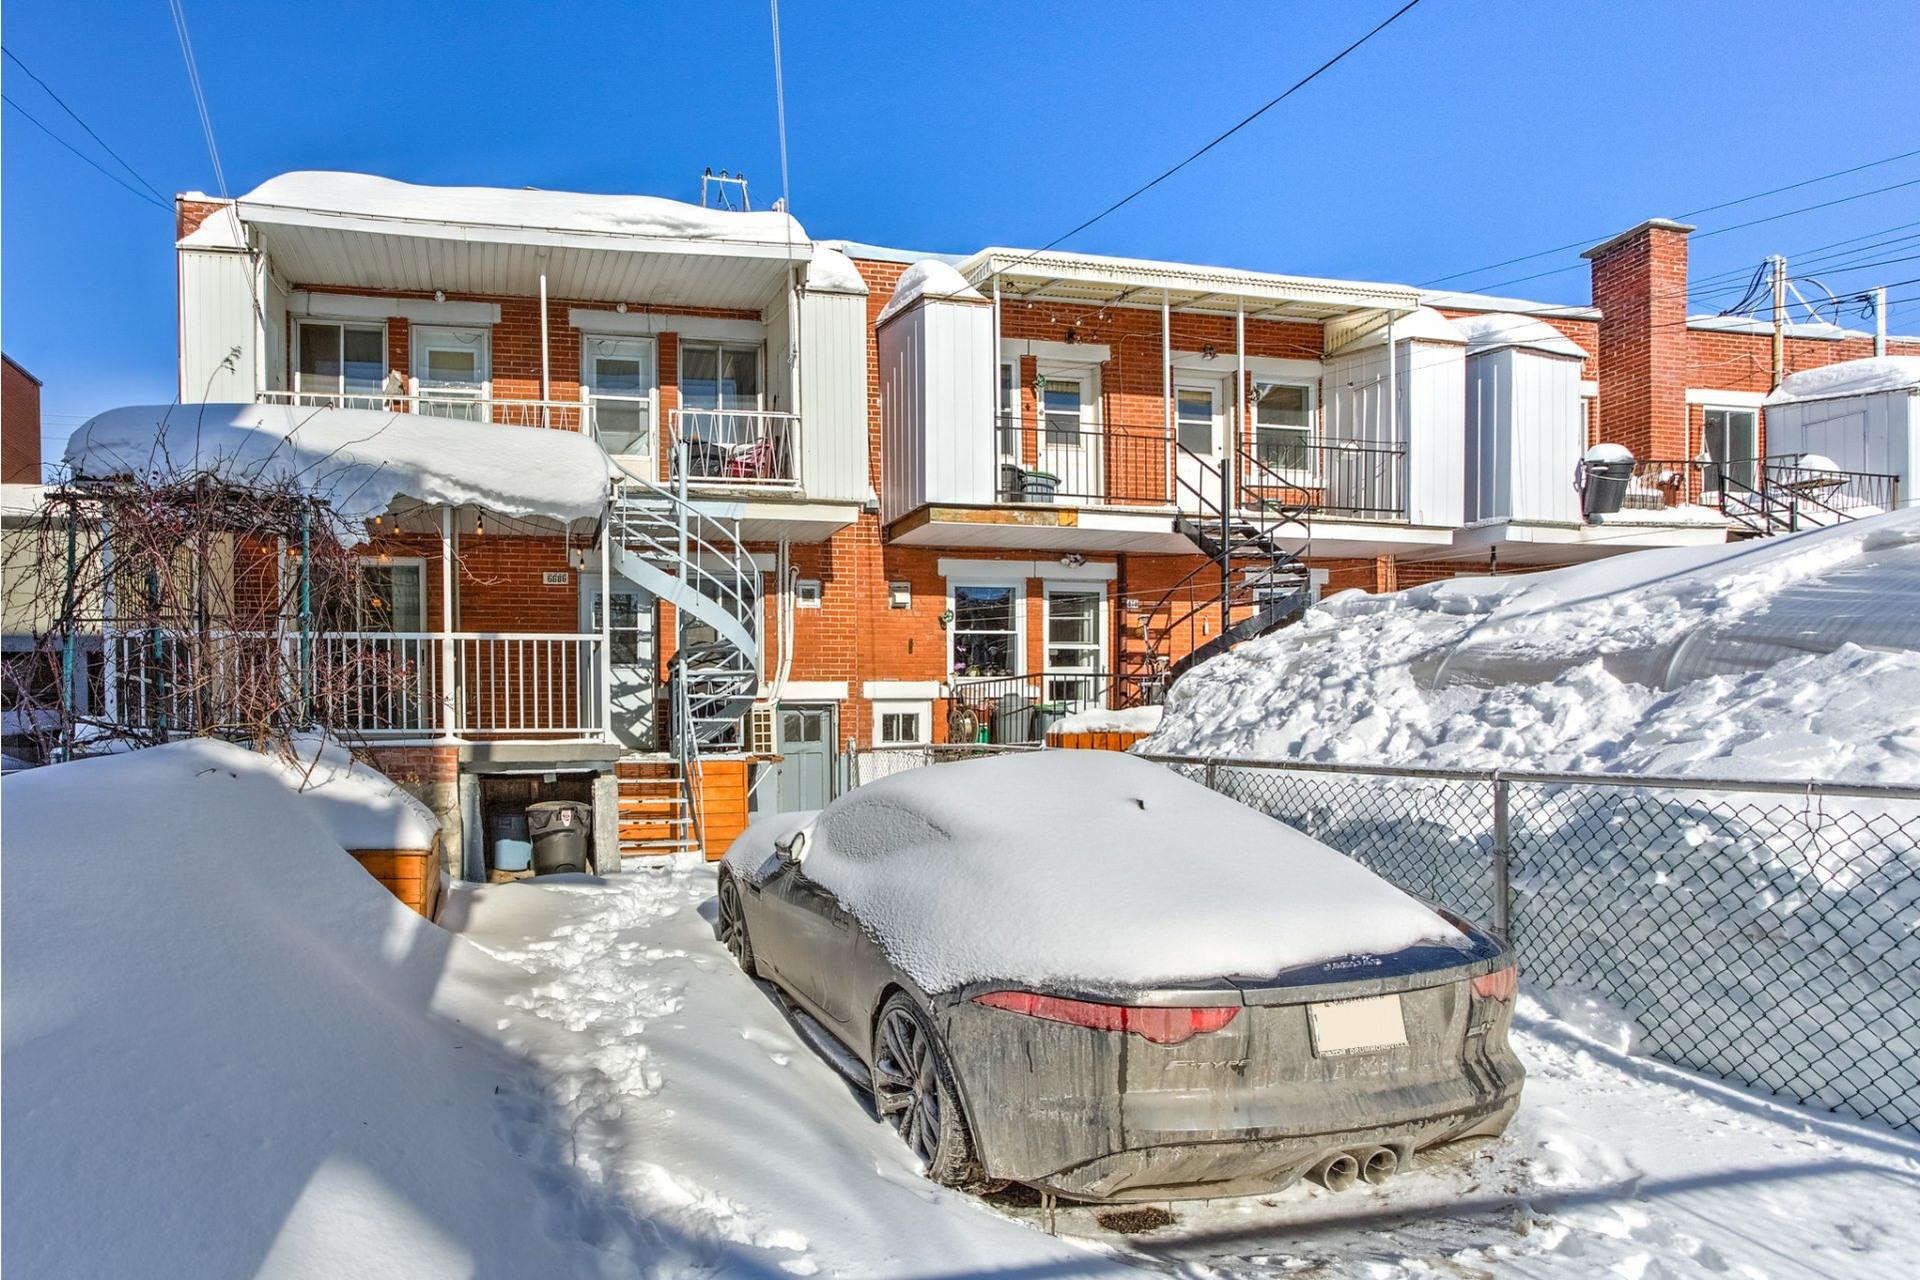 image 27 - Quadruplex À vendre Rosemont/La Petite-Patrie Montréal  - 5 pièces